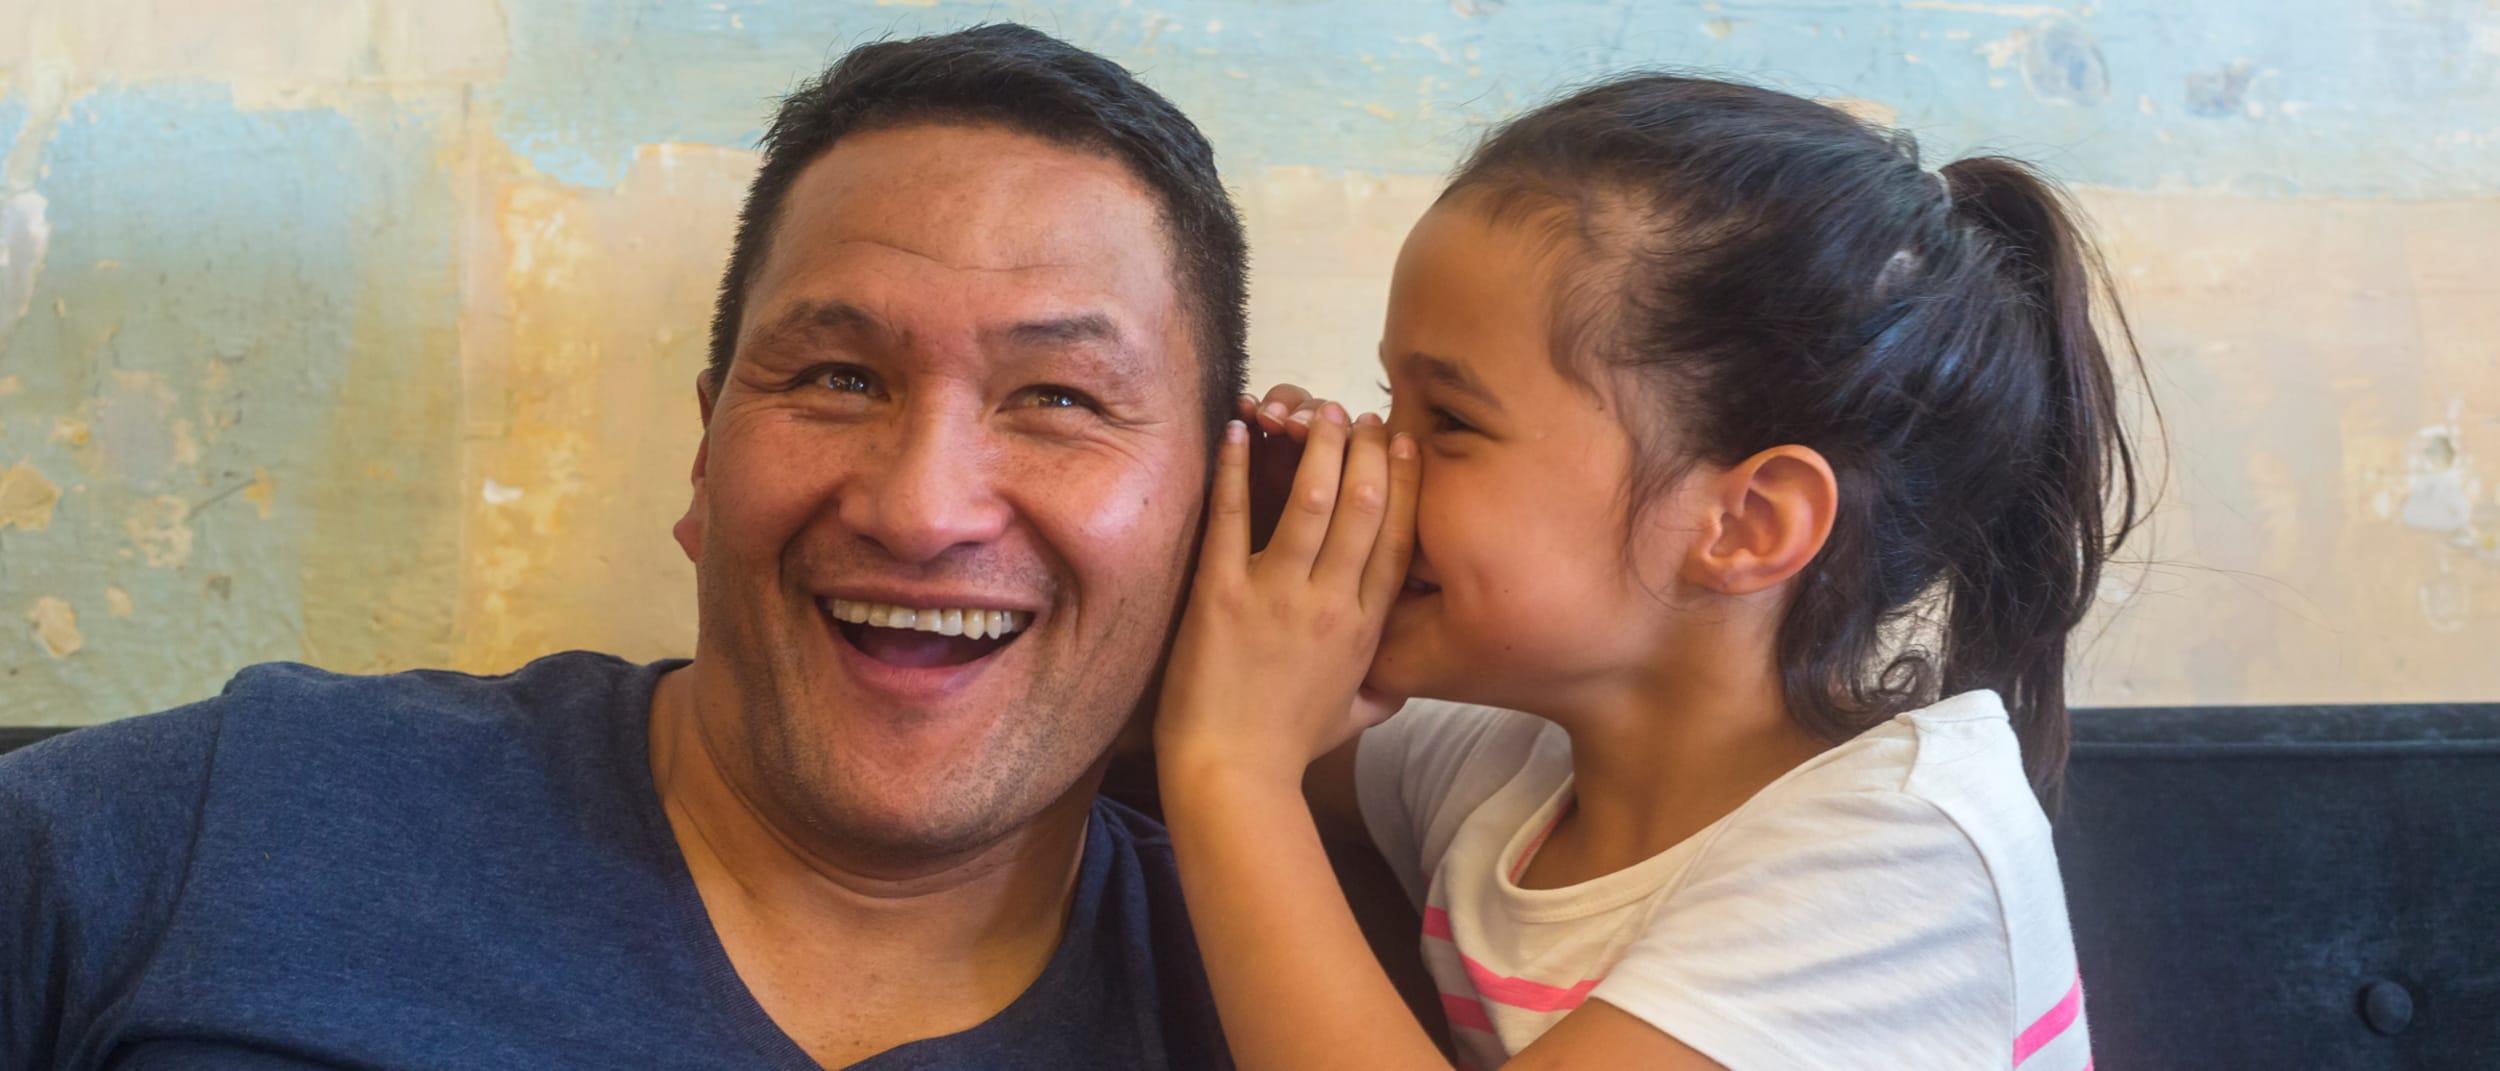 Kia kaha te Reo Māori l Let's make the Maori language strong